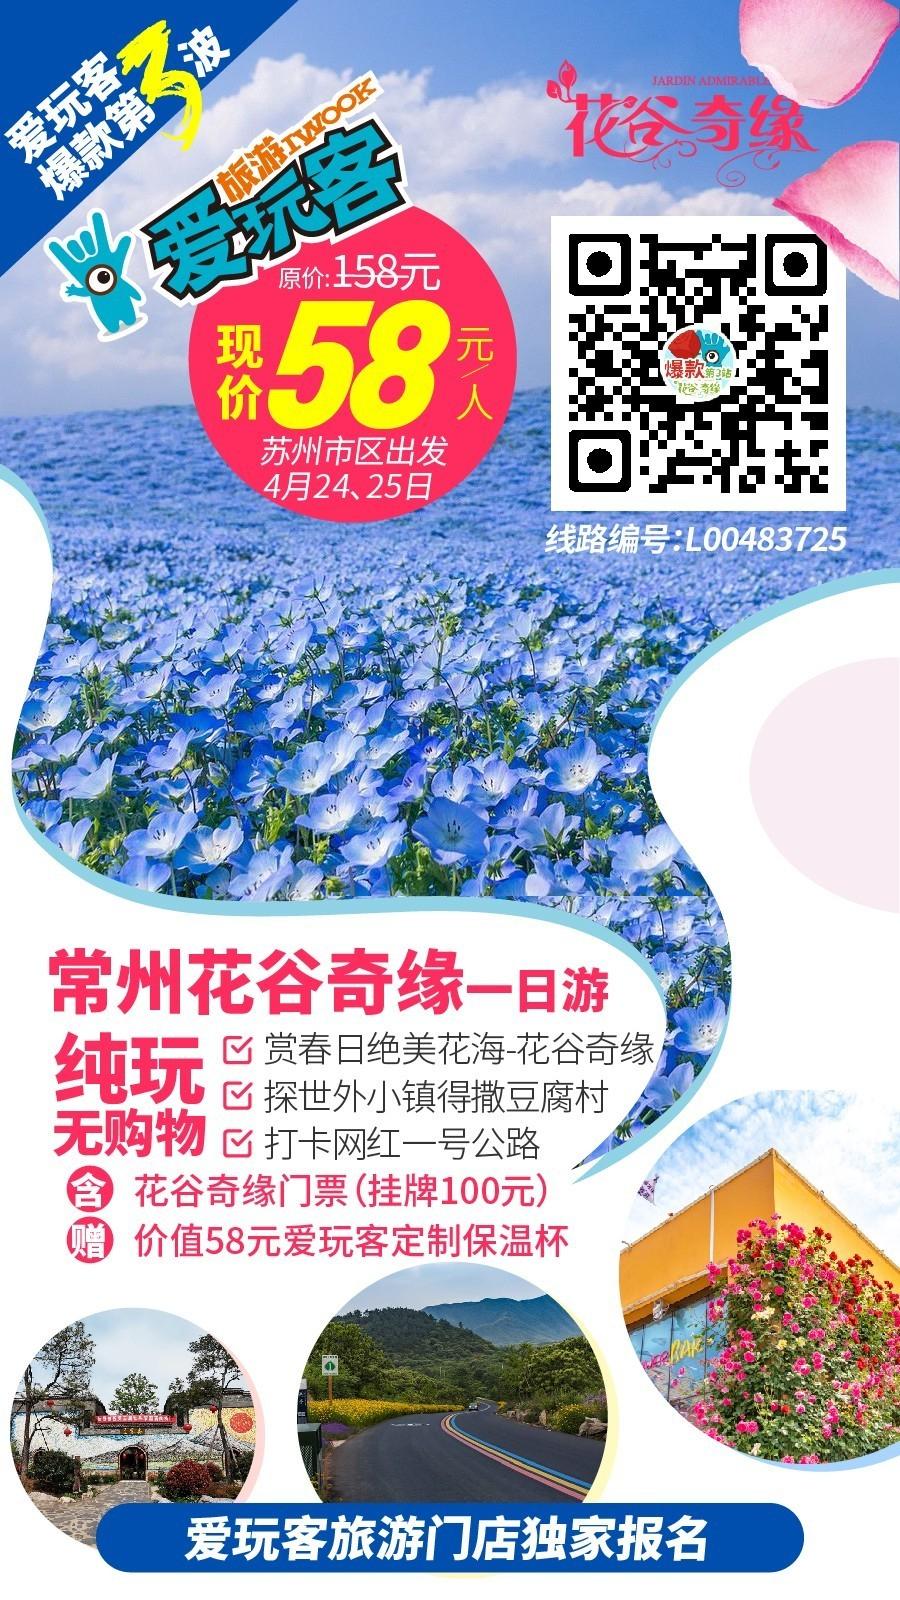 常州花谷奇緣-蘇州_畫板 1.jpg